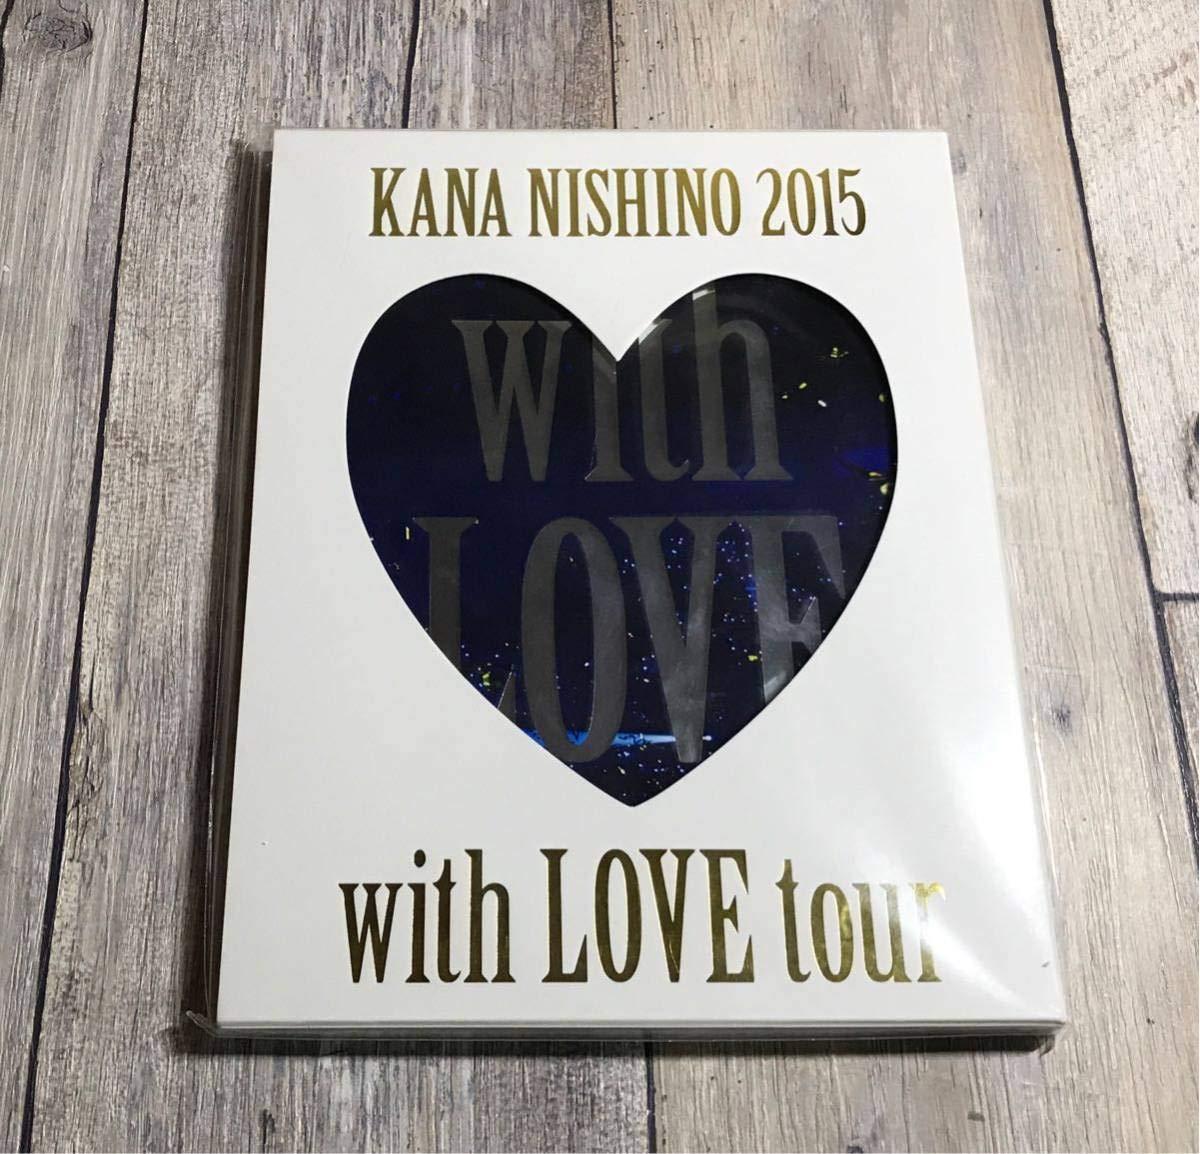 西野カナ with LOVE tour 2015 パンフレット ノート付き   B07MZ7M3NF